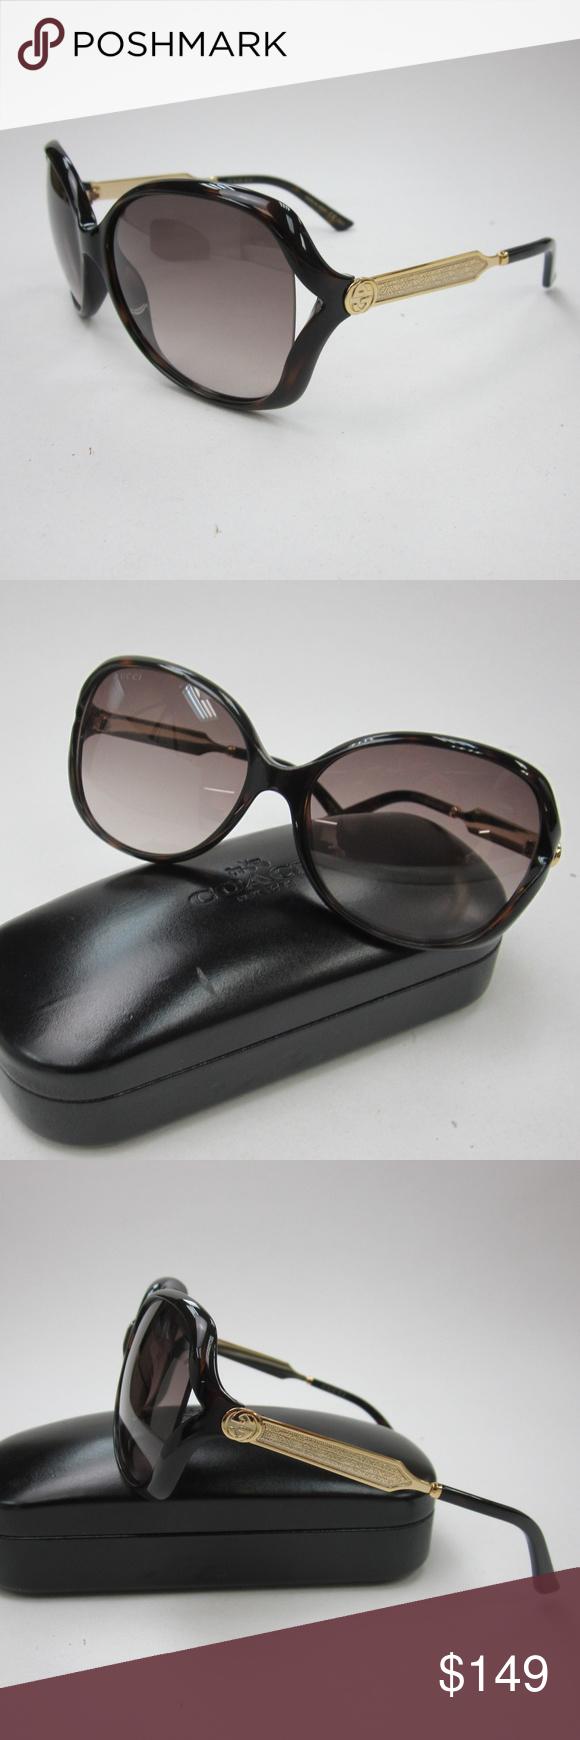 9465abdb0013b Gucci GG 0076S 003 Sunglasses JAPAN OLZ138 Gucci GG 0076S 003 Square  Woman s Sunglasses